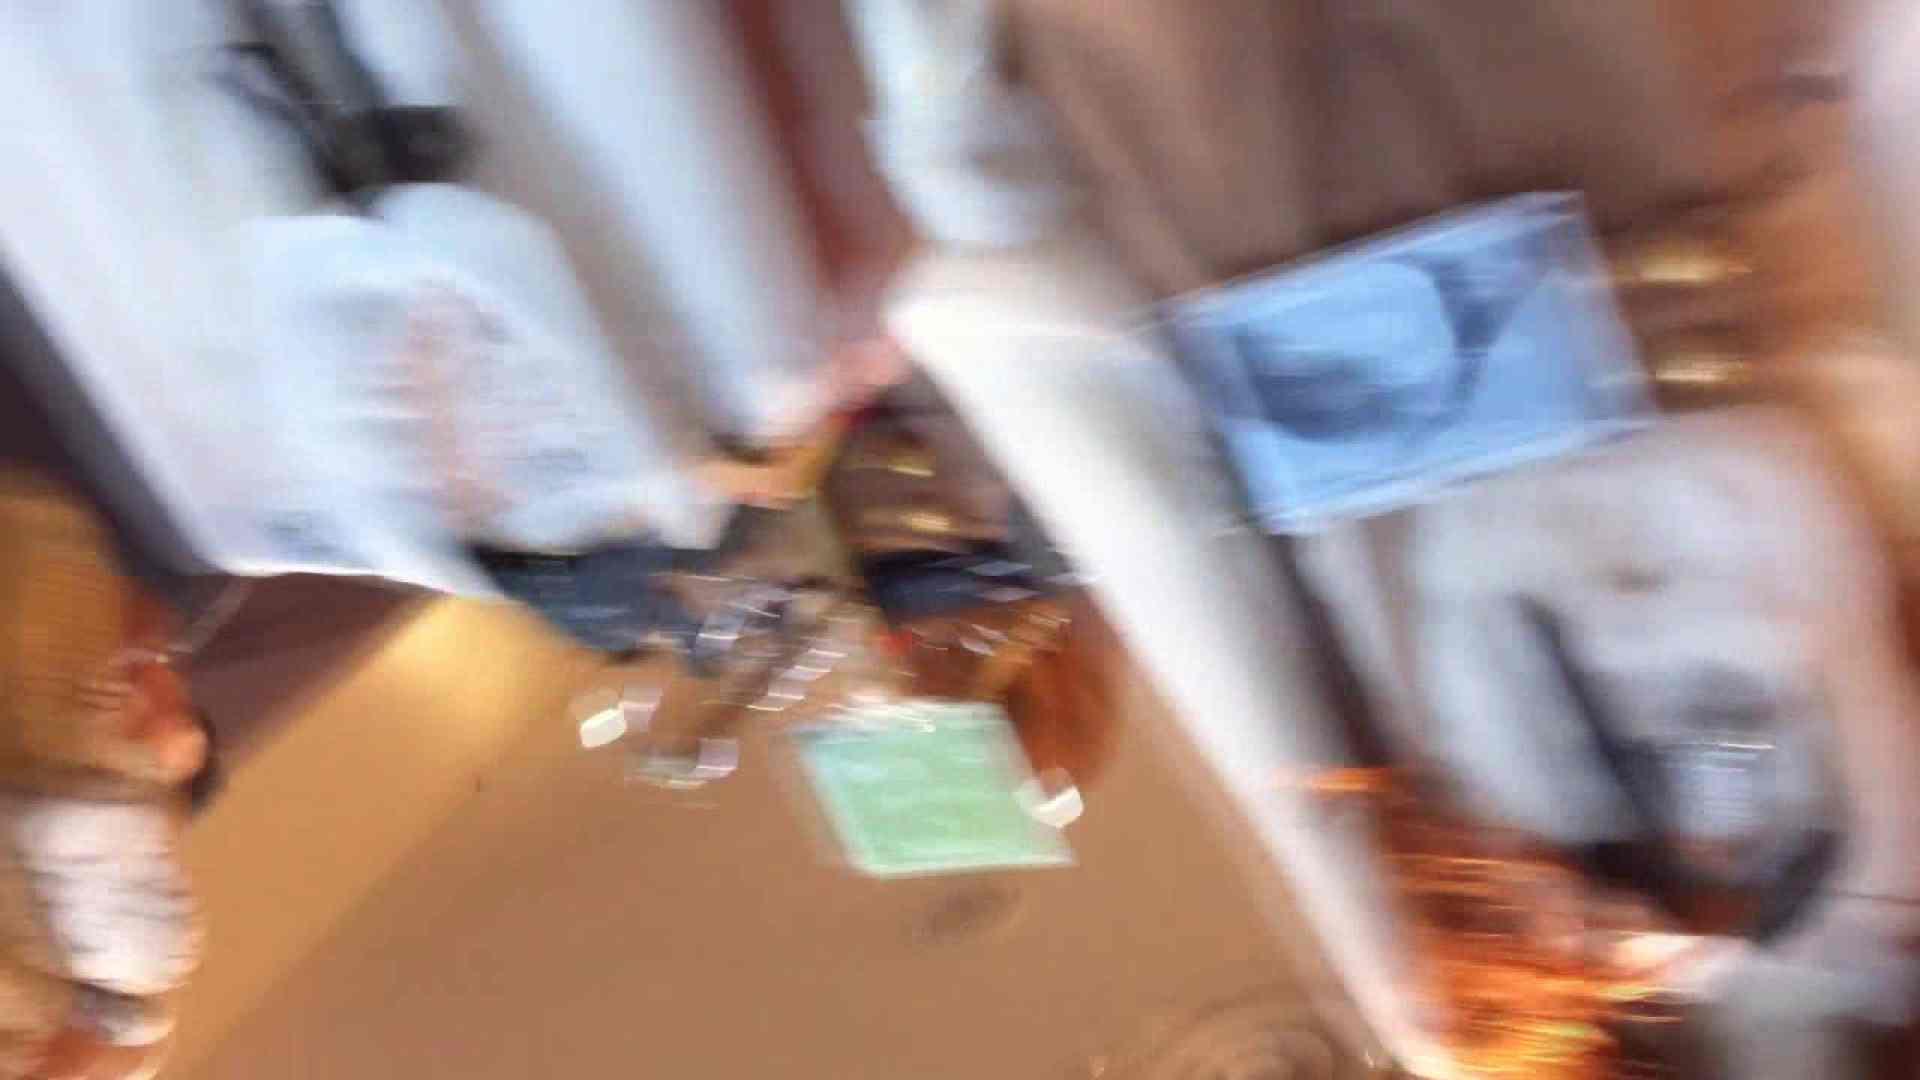 フルHD ショップ店員千人斬り! 大画面ノーカット完全版 vol.45 ギャルのエロ動画 ワレメ動画紹介 111PIX 107